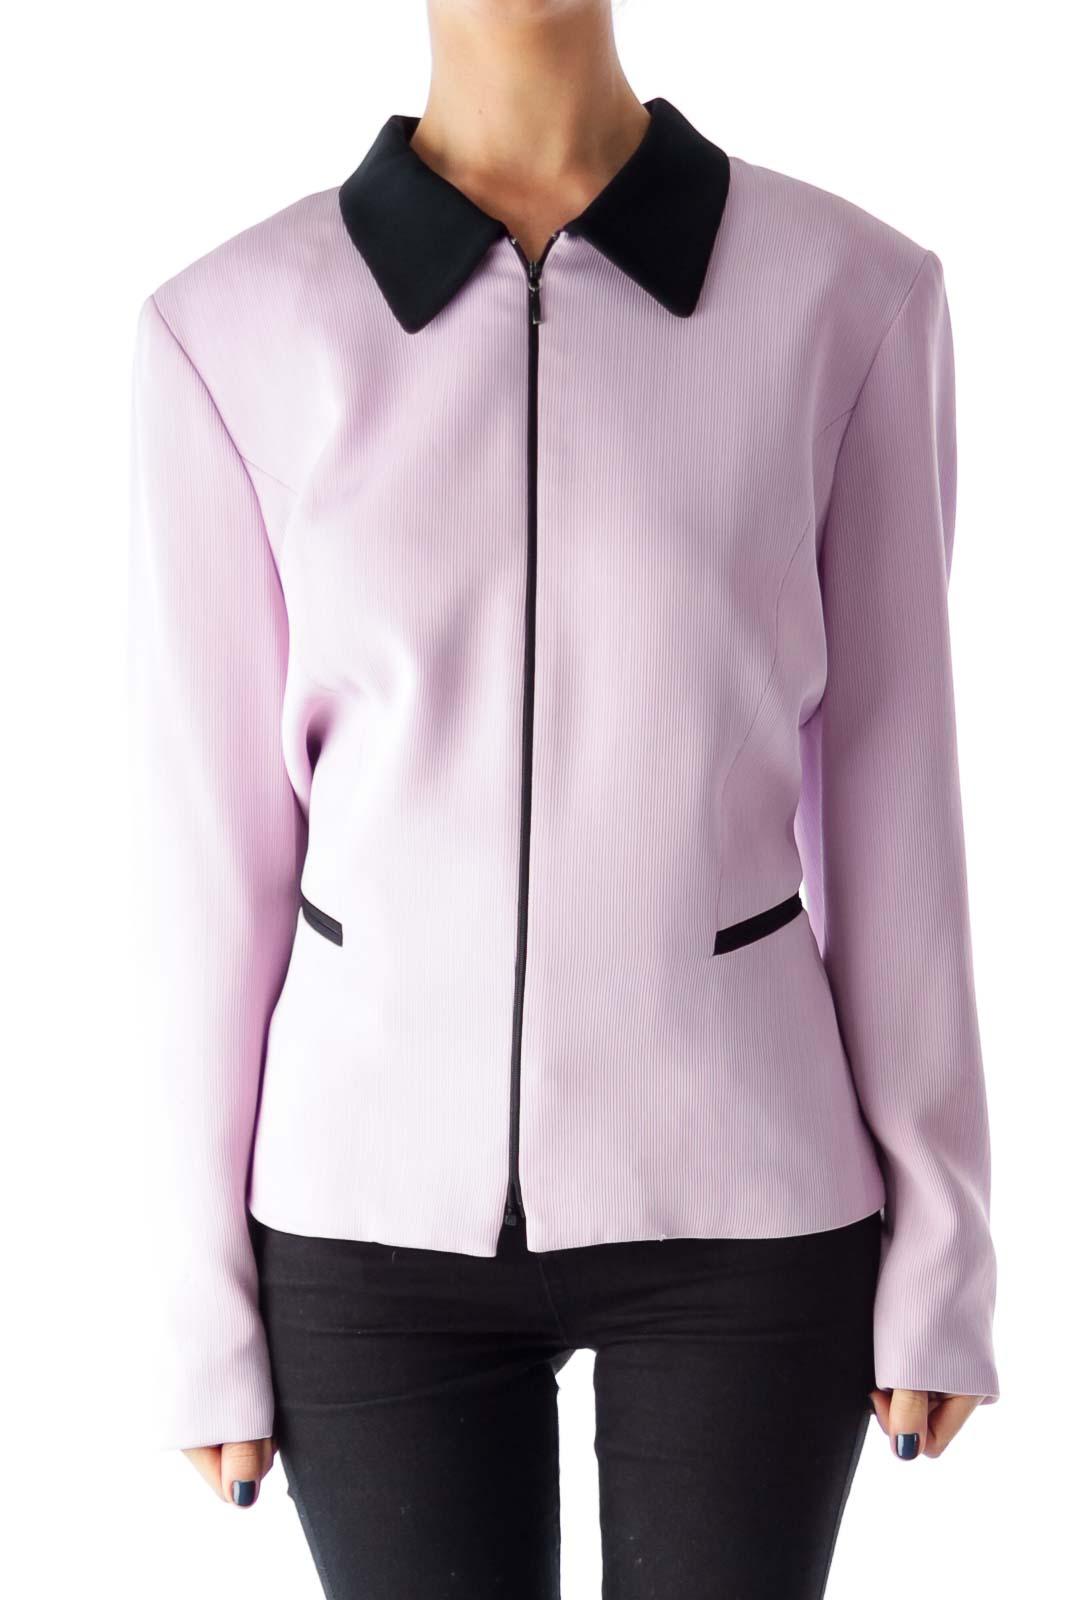 Lavender & Black Ziper Jacket Front